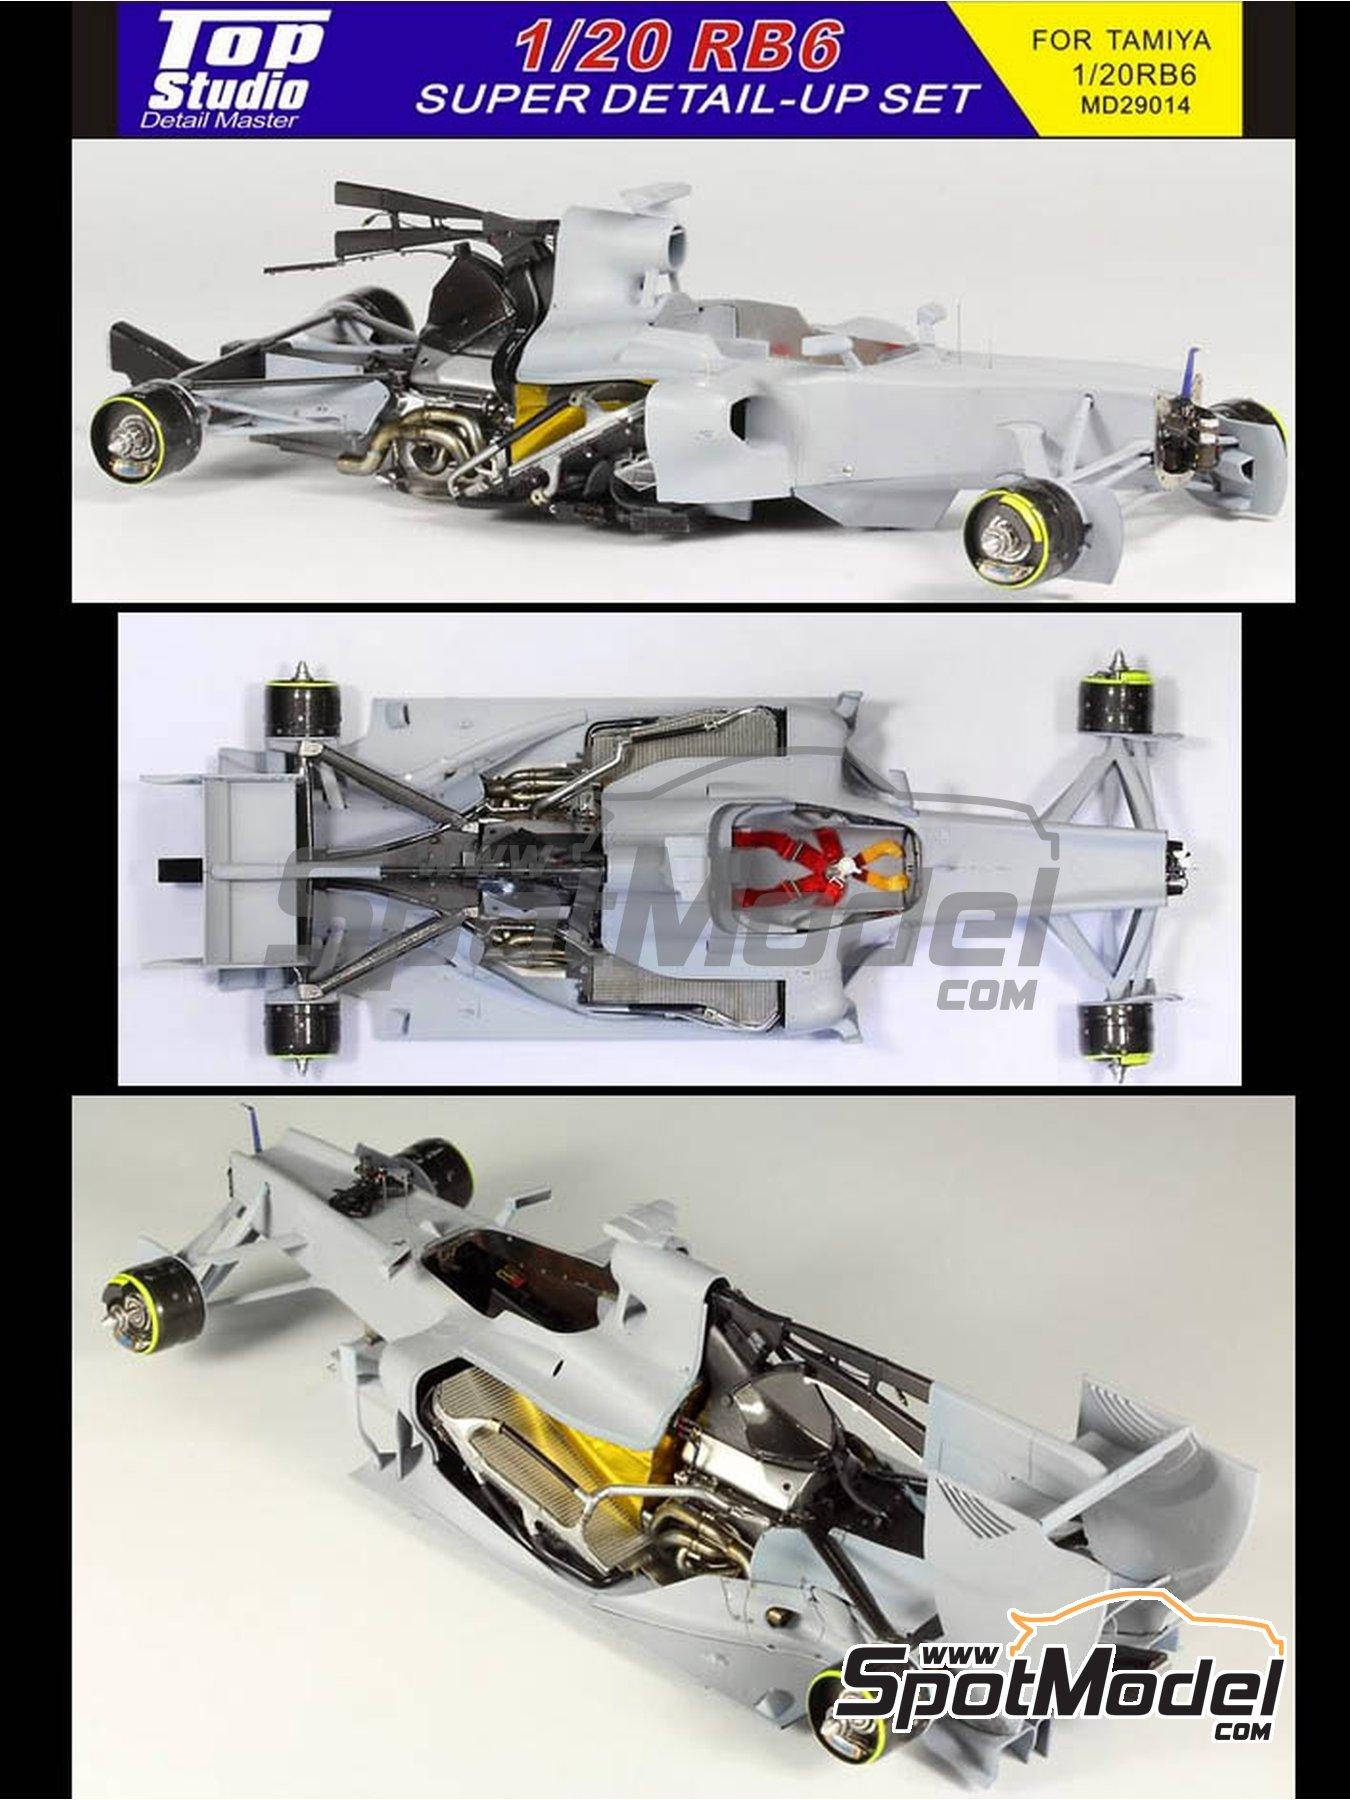 RB Racing Renault RB6 | Set de mejora y detallado en escala1/20 fabricado por Top Studio (ref.MD29014) image